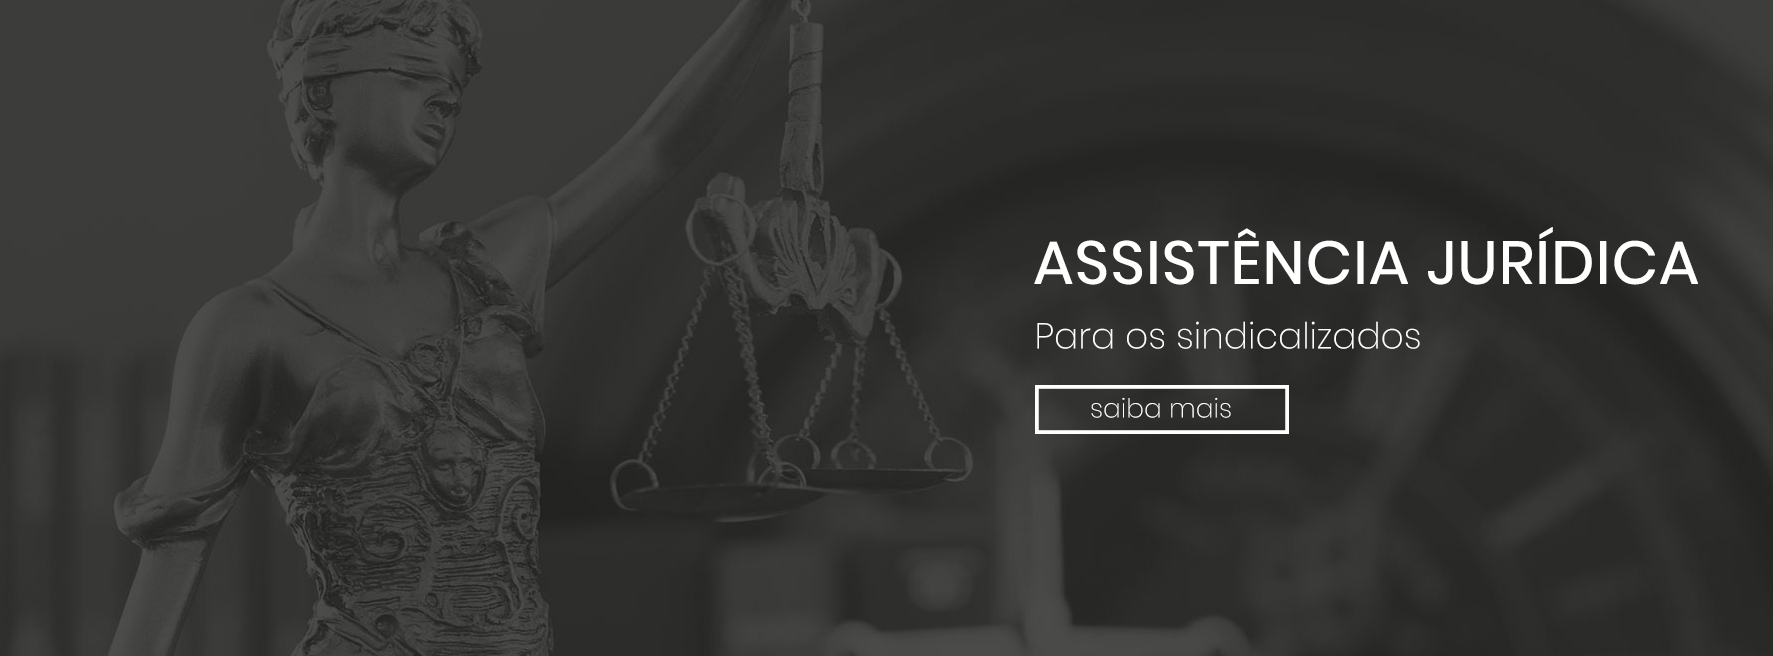 Suporte Jurídico - SindEnfermeiro